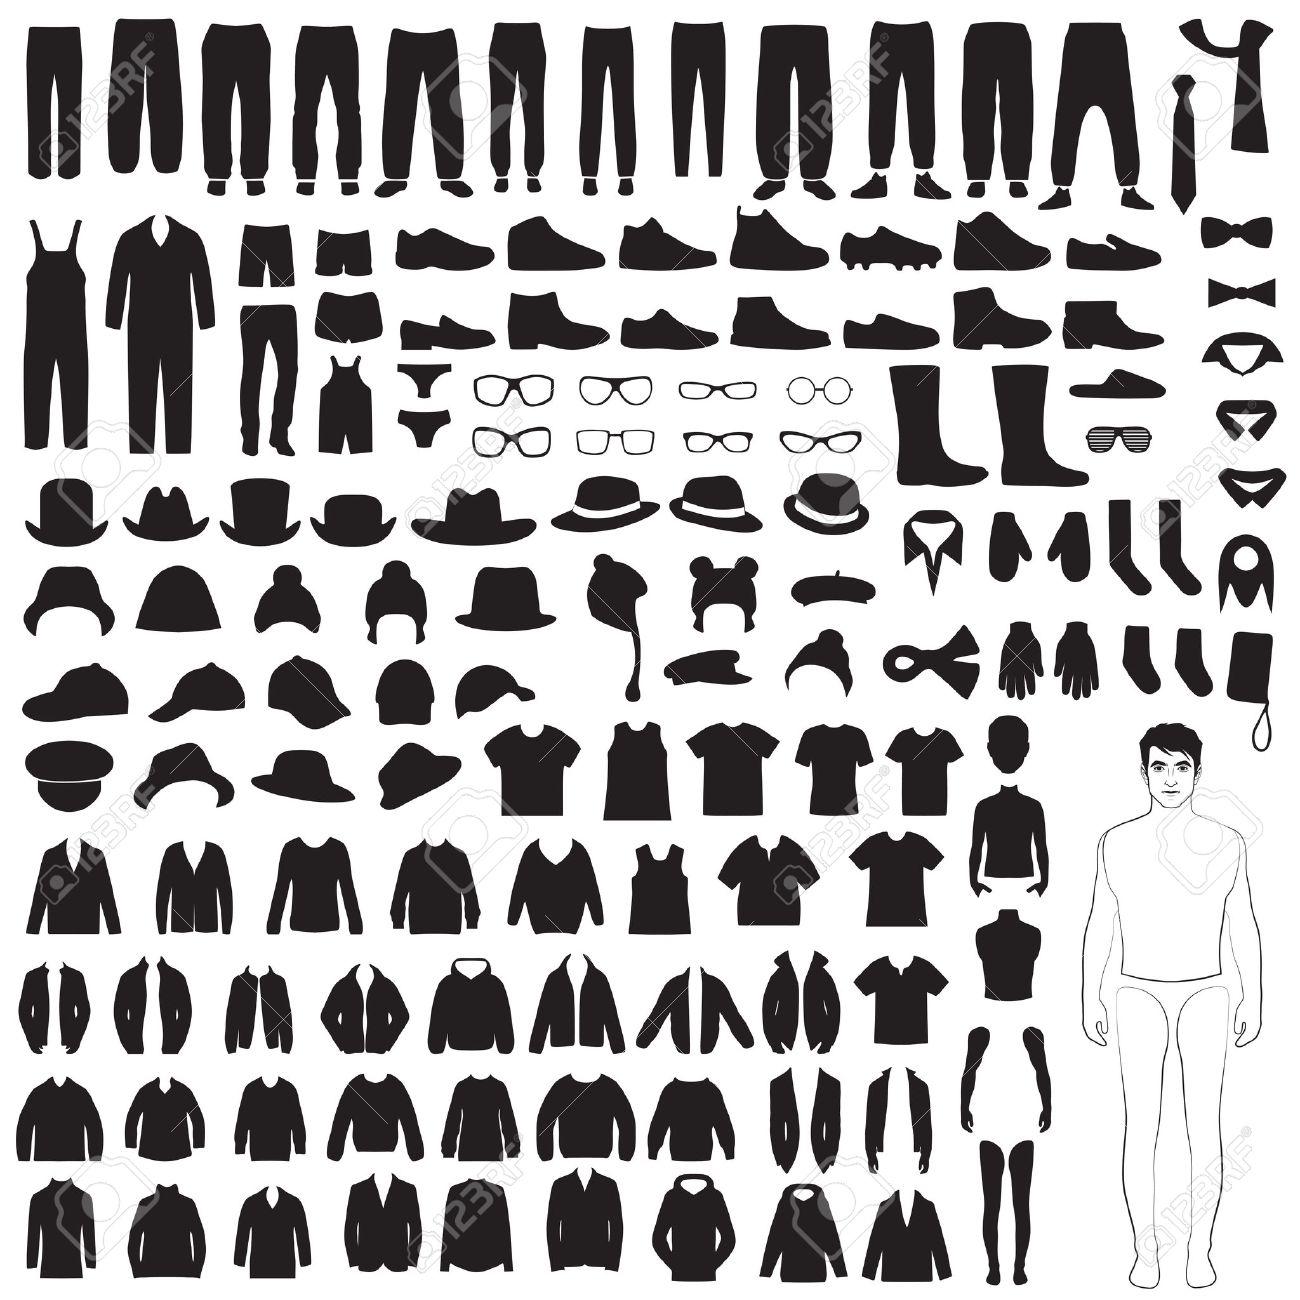 男性ファッションのアイコン、紙人形、孤立した服のシルエット 写真素材 ,